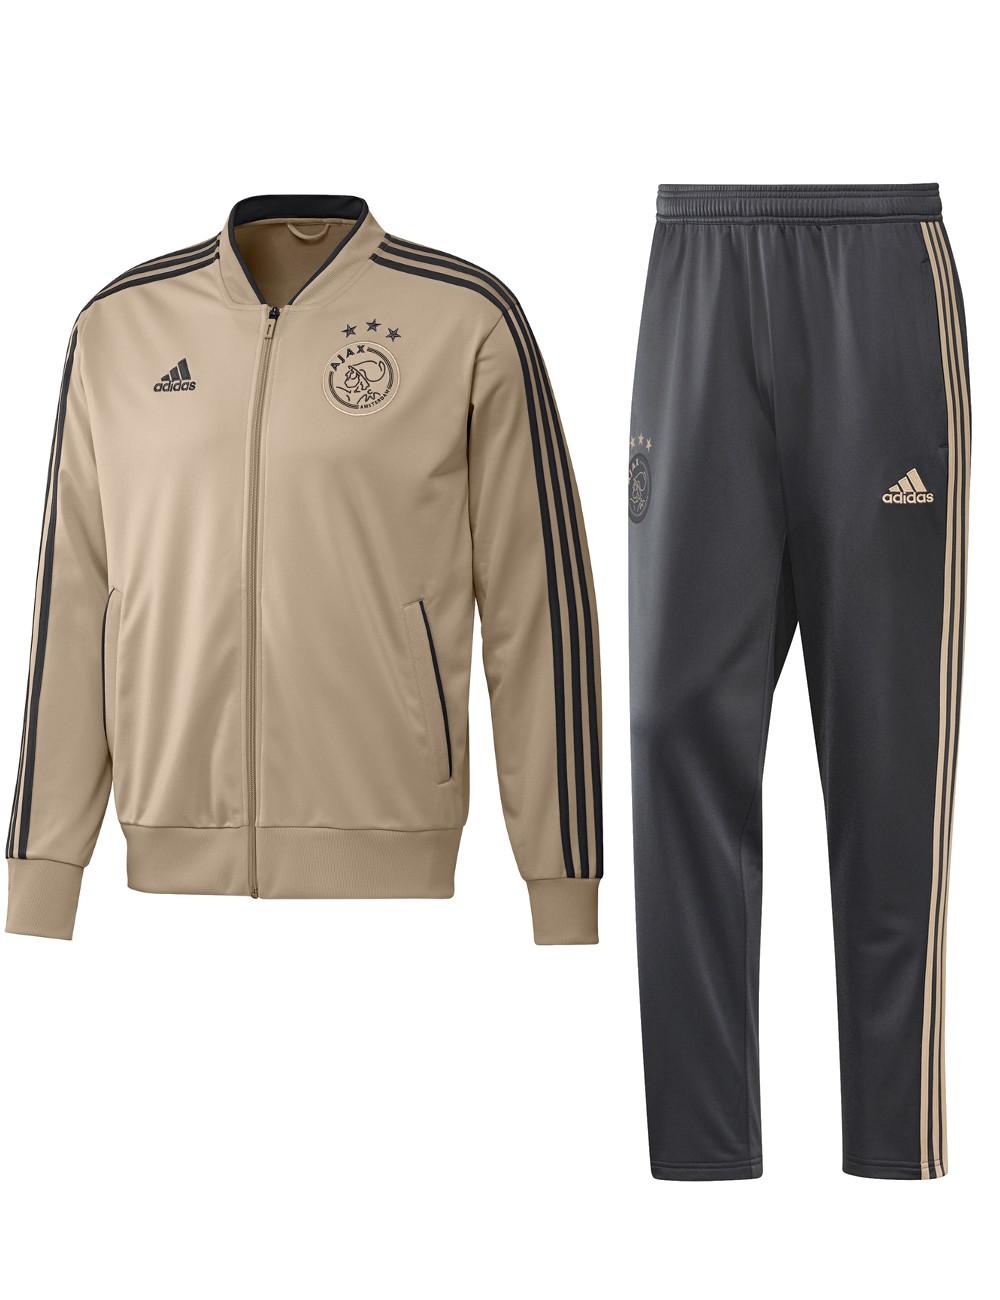 Ajax Amsterdam Adidas Survetement Training Or Cheville coupe avec zip 2018  19 5 5 sur 8 ... 0a815a8cf69